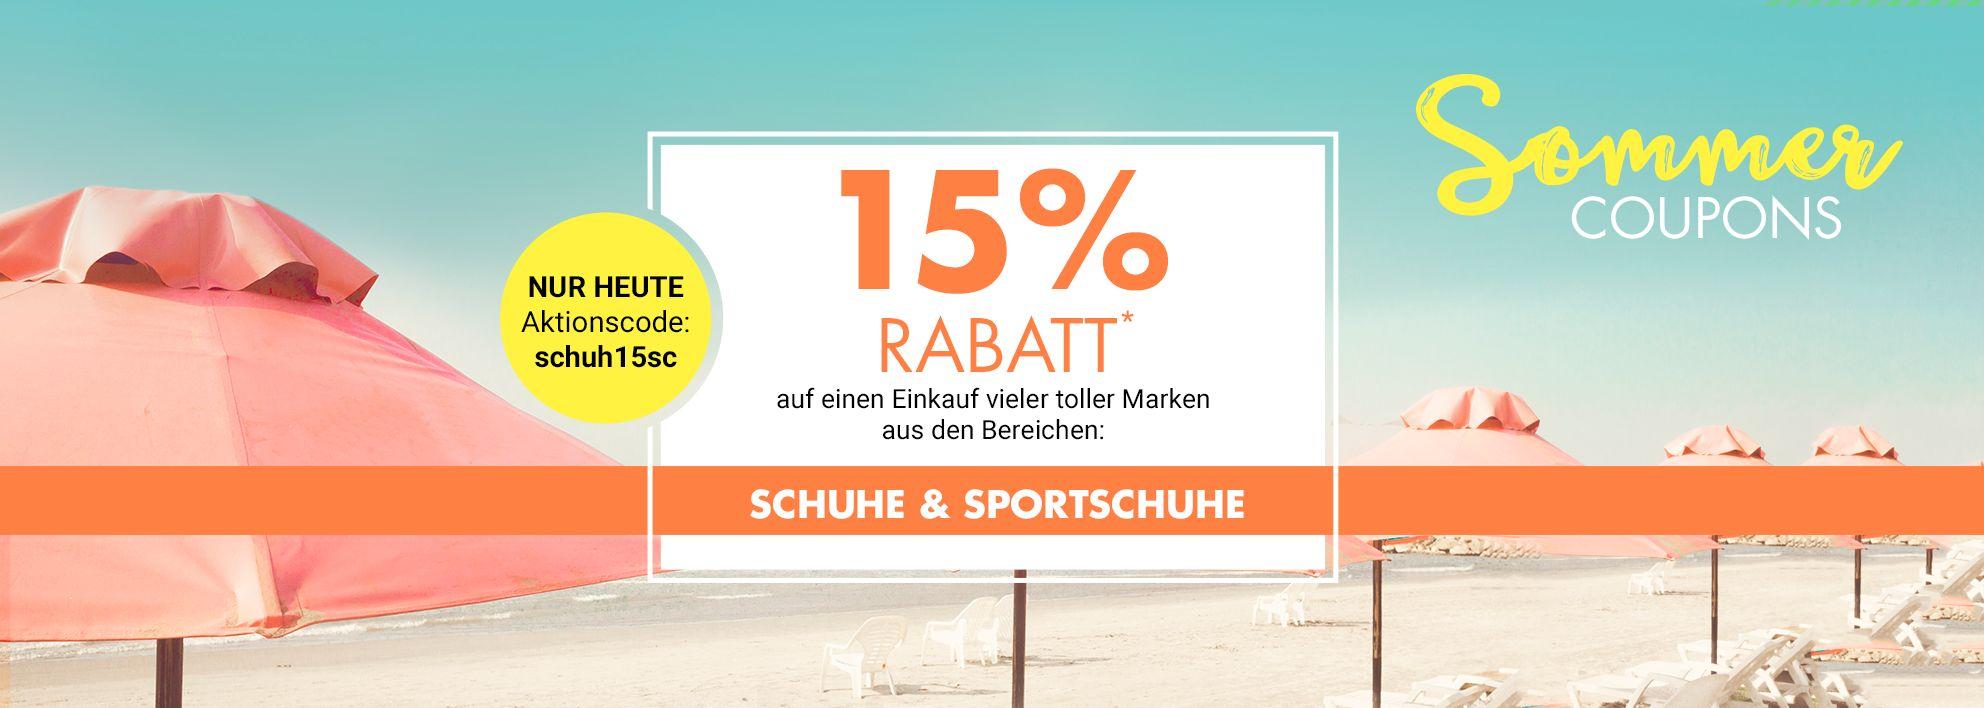 Bild zu Galeria Kaufhof: 15% Rabatt auf Schuhe und Sportschuhe